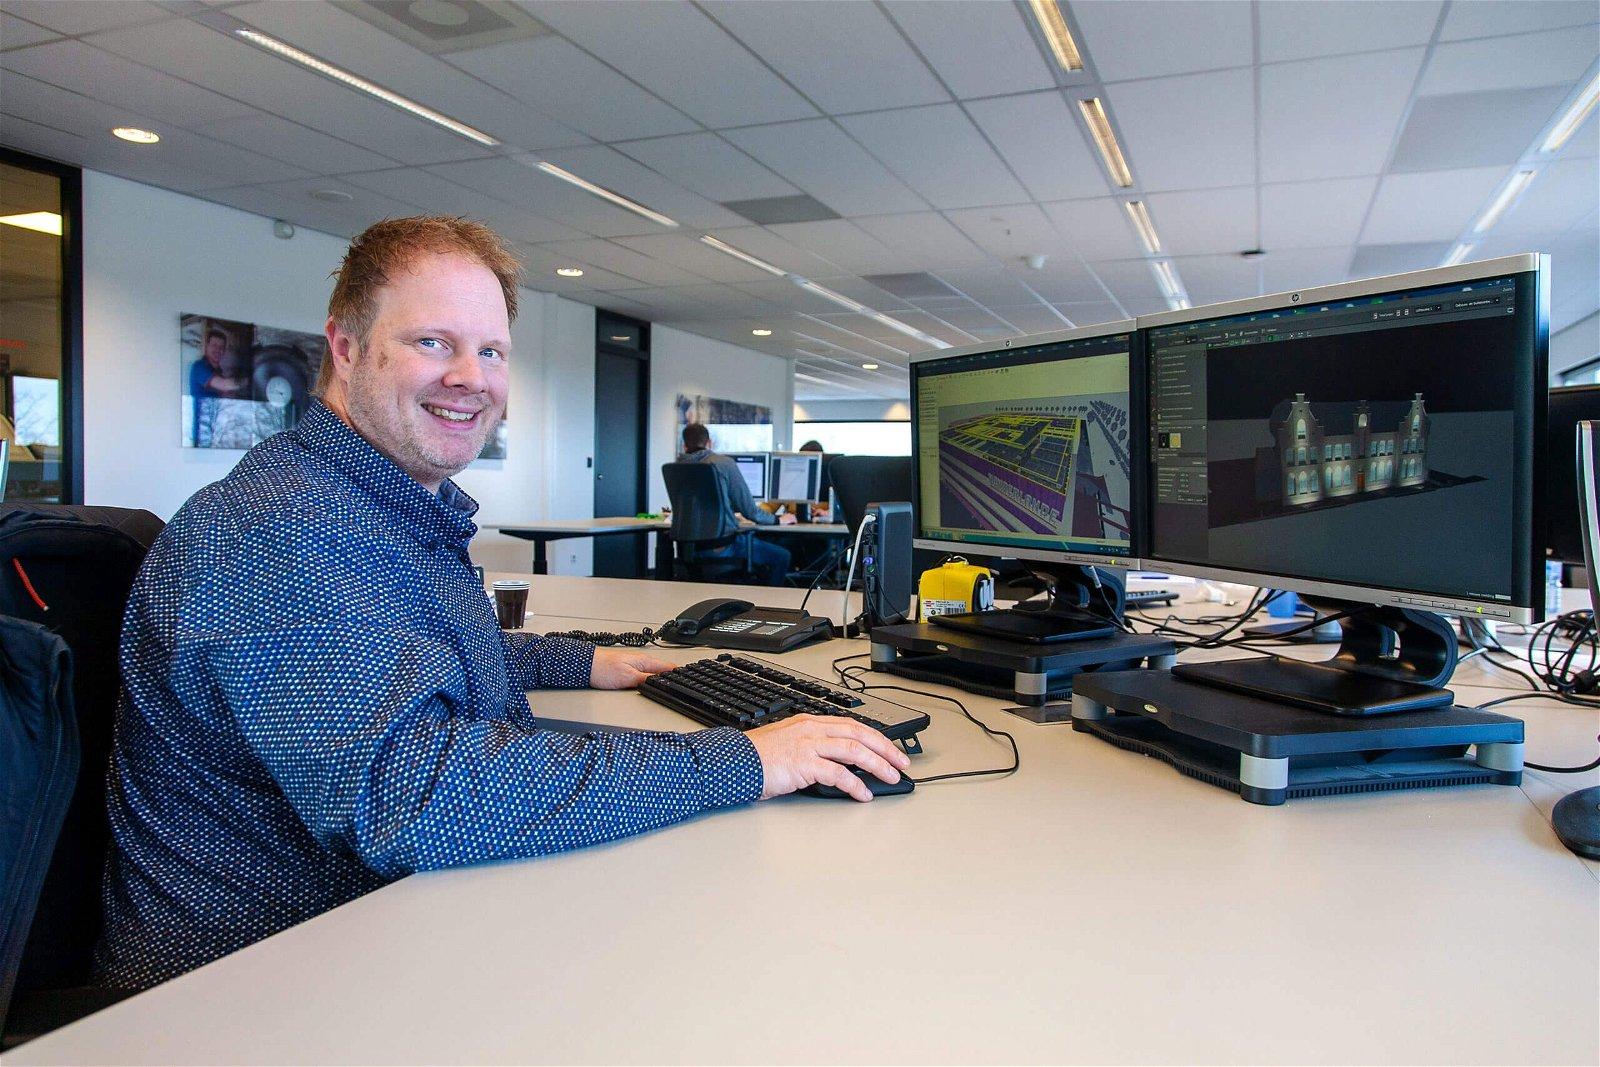 Engineer-E Ben Snijder van Hoppenbrouwers Techniek